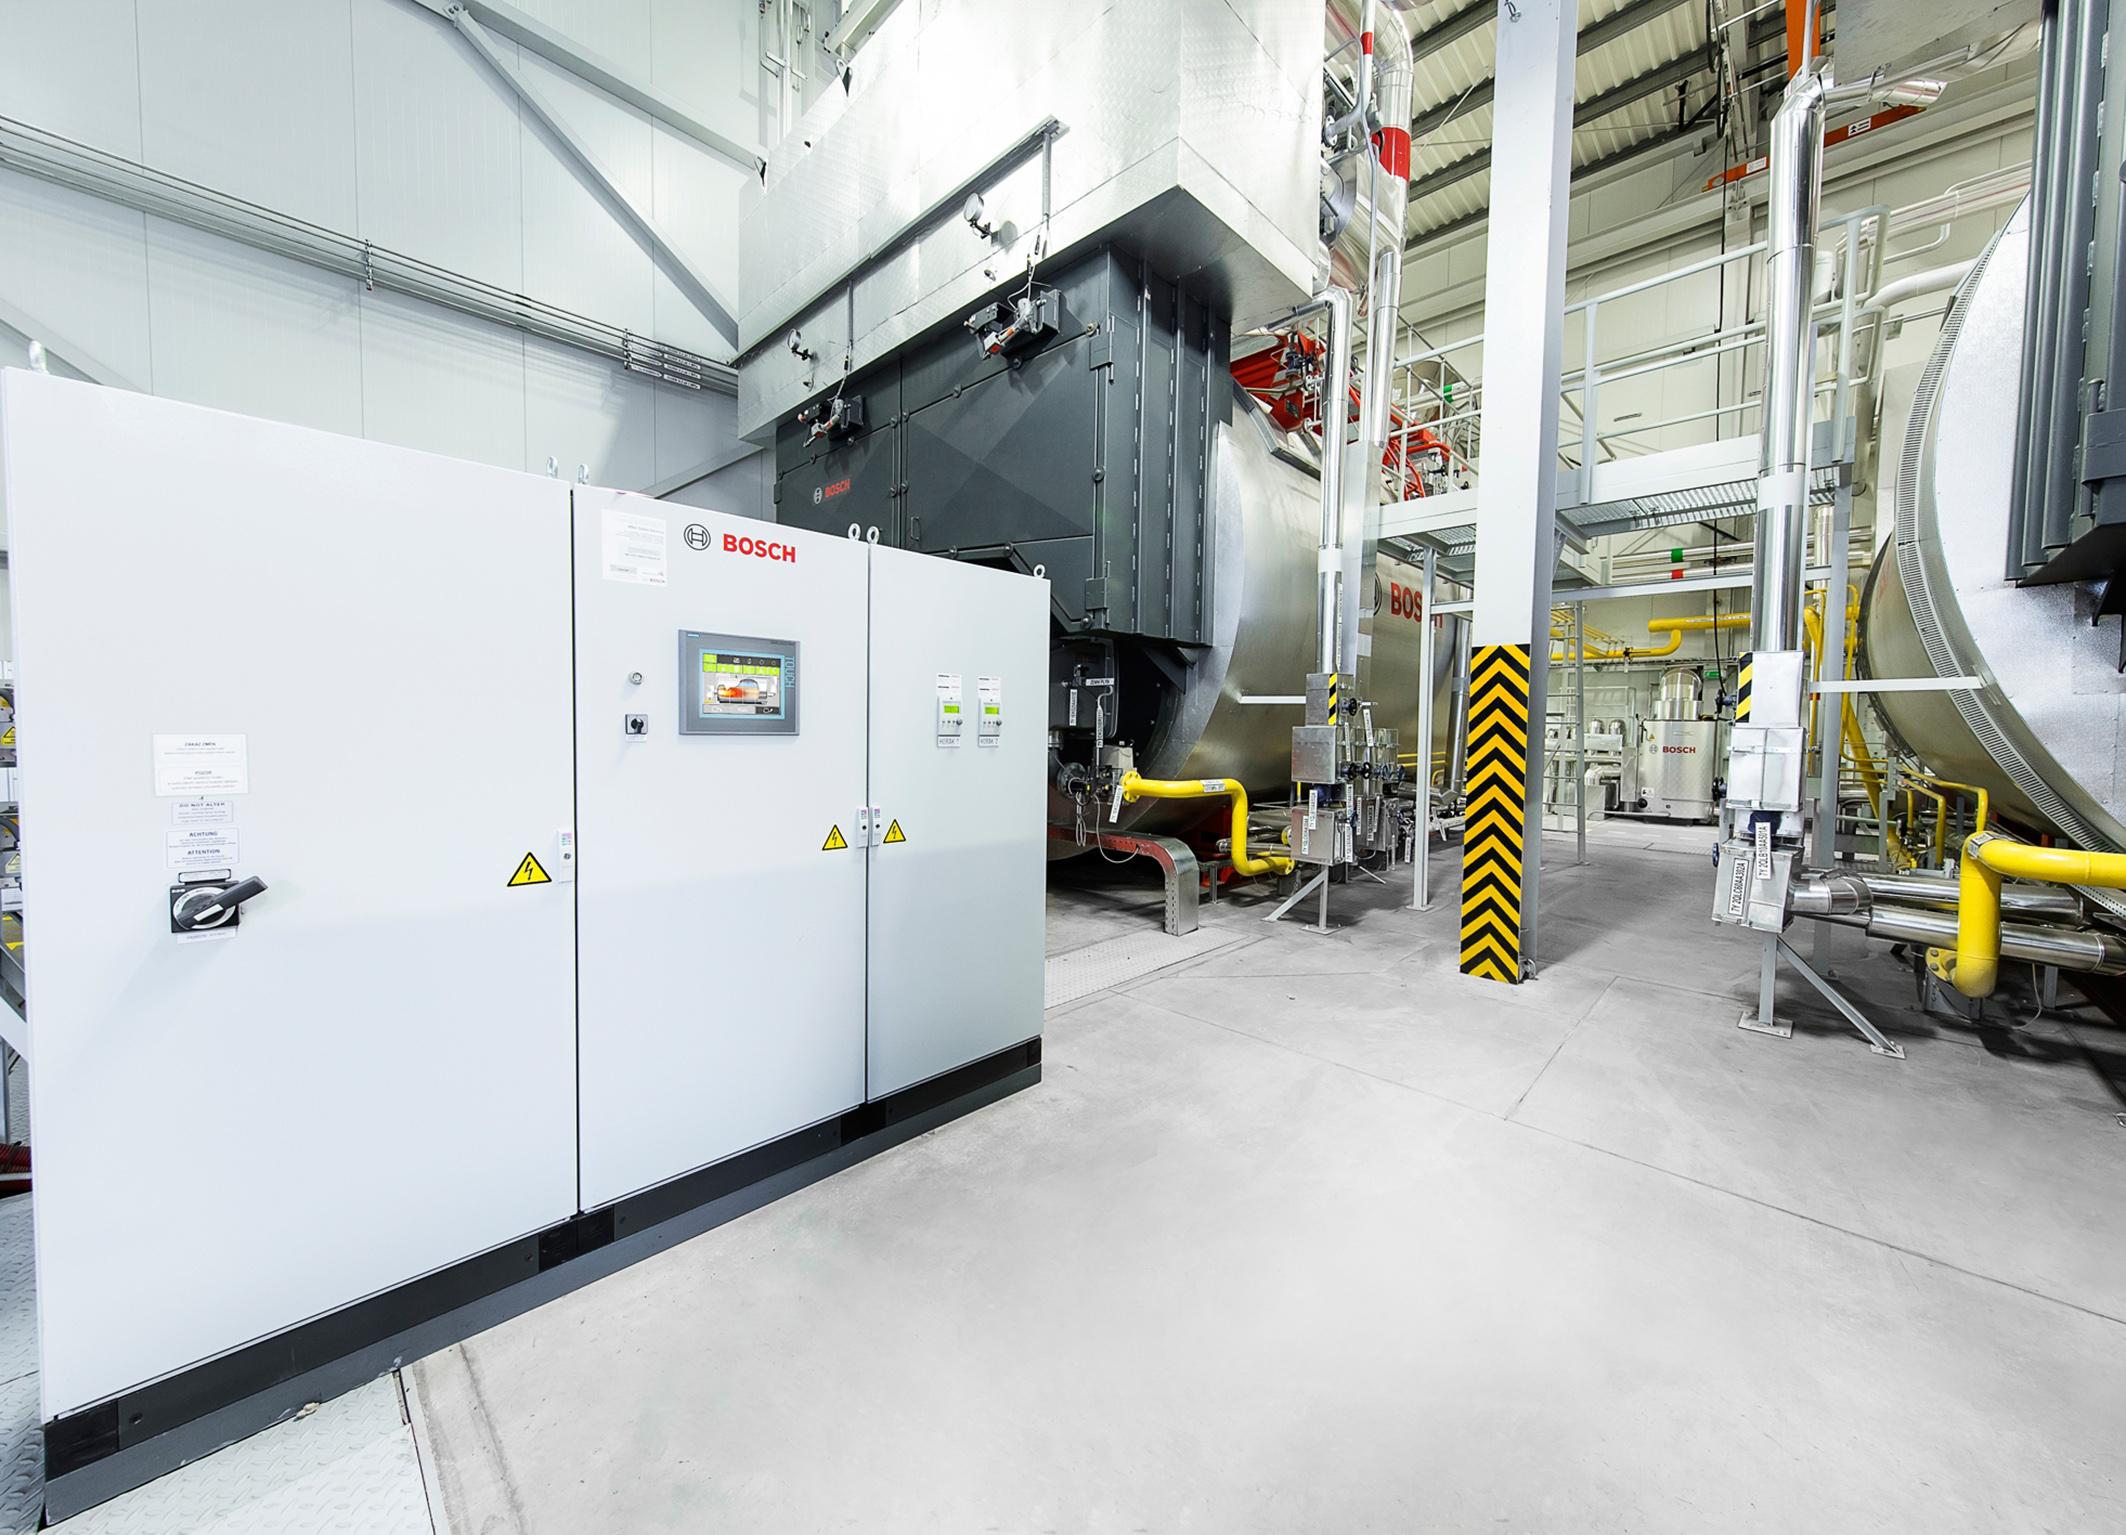 167 Tonnen Heißdampf pro Stunde - Bosch Media Service